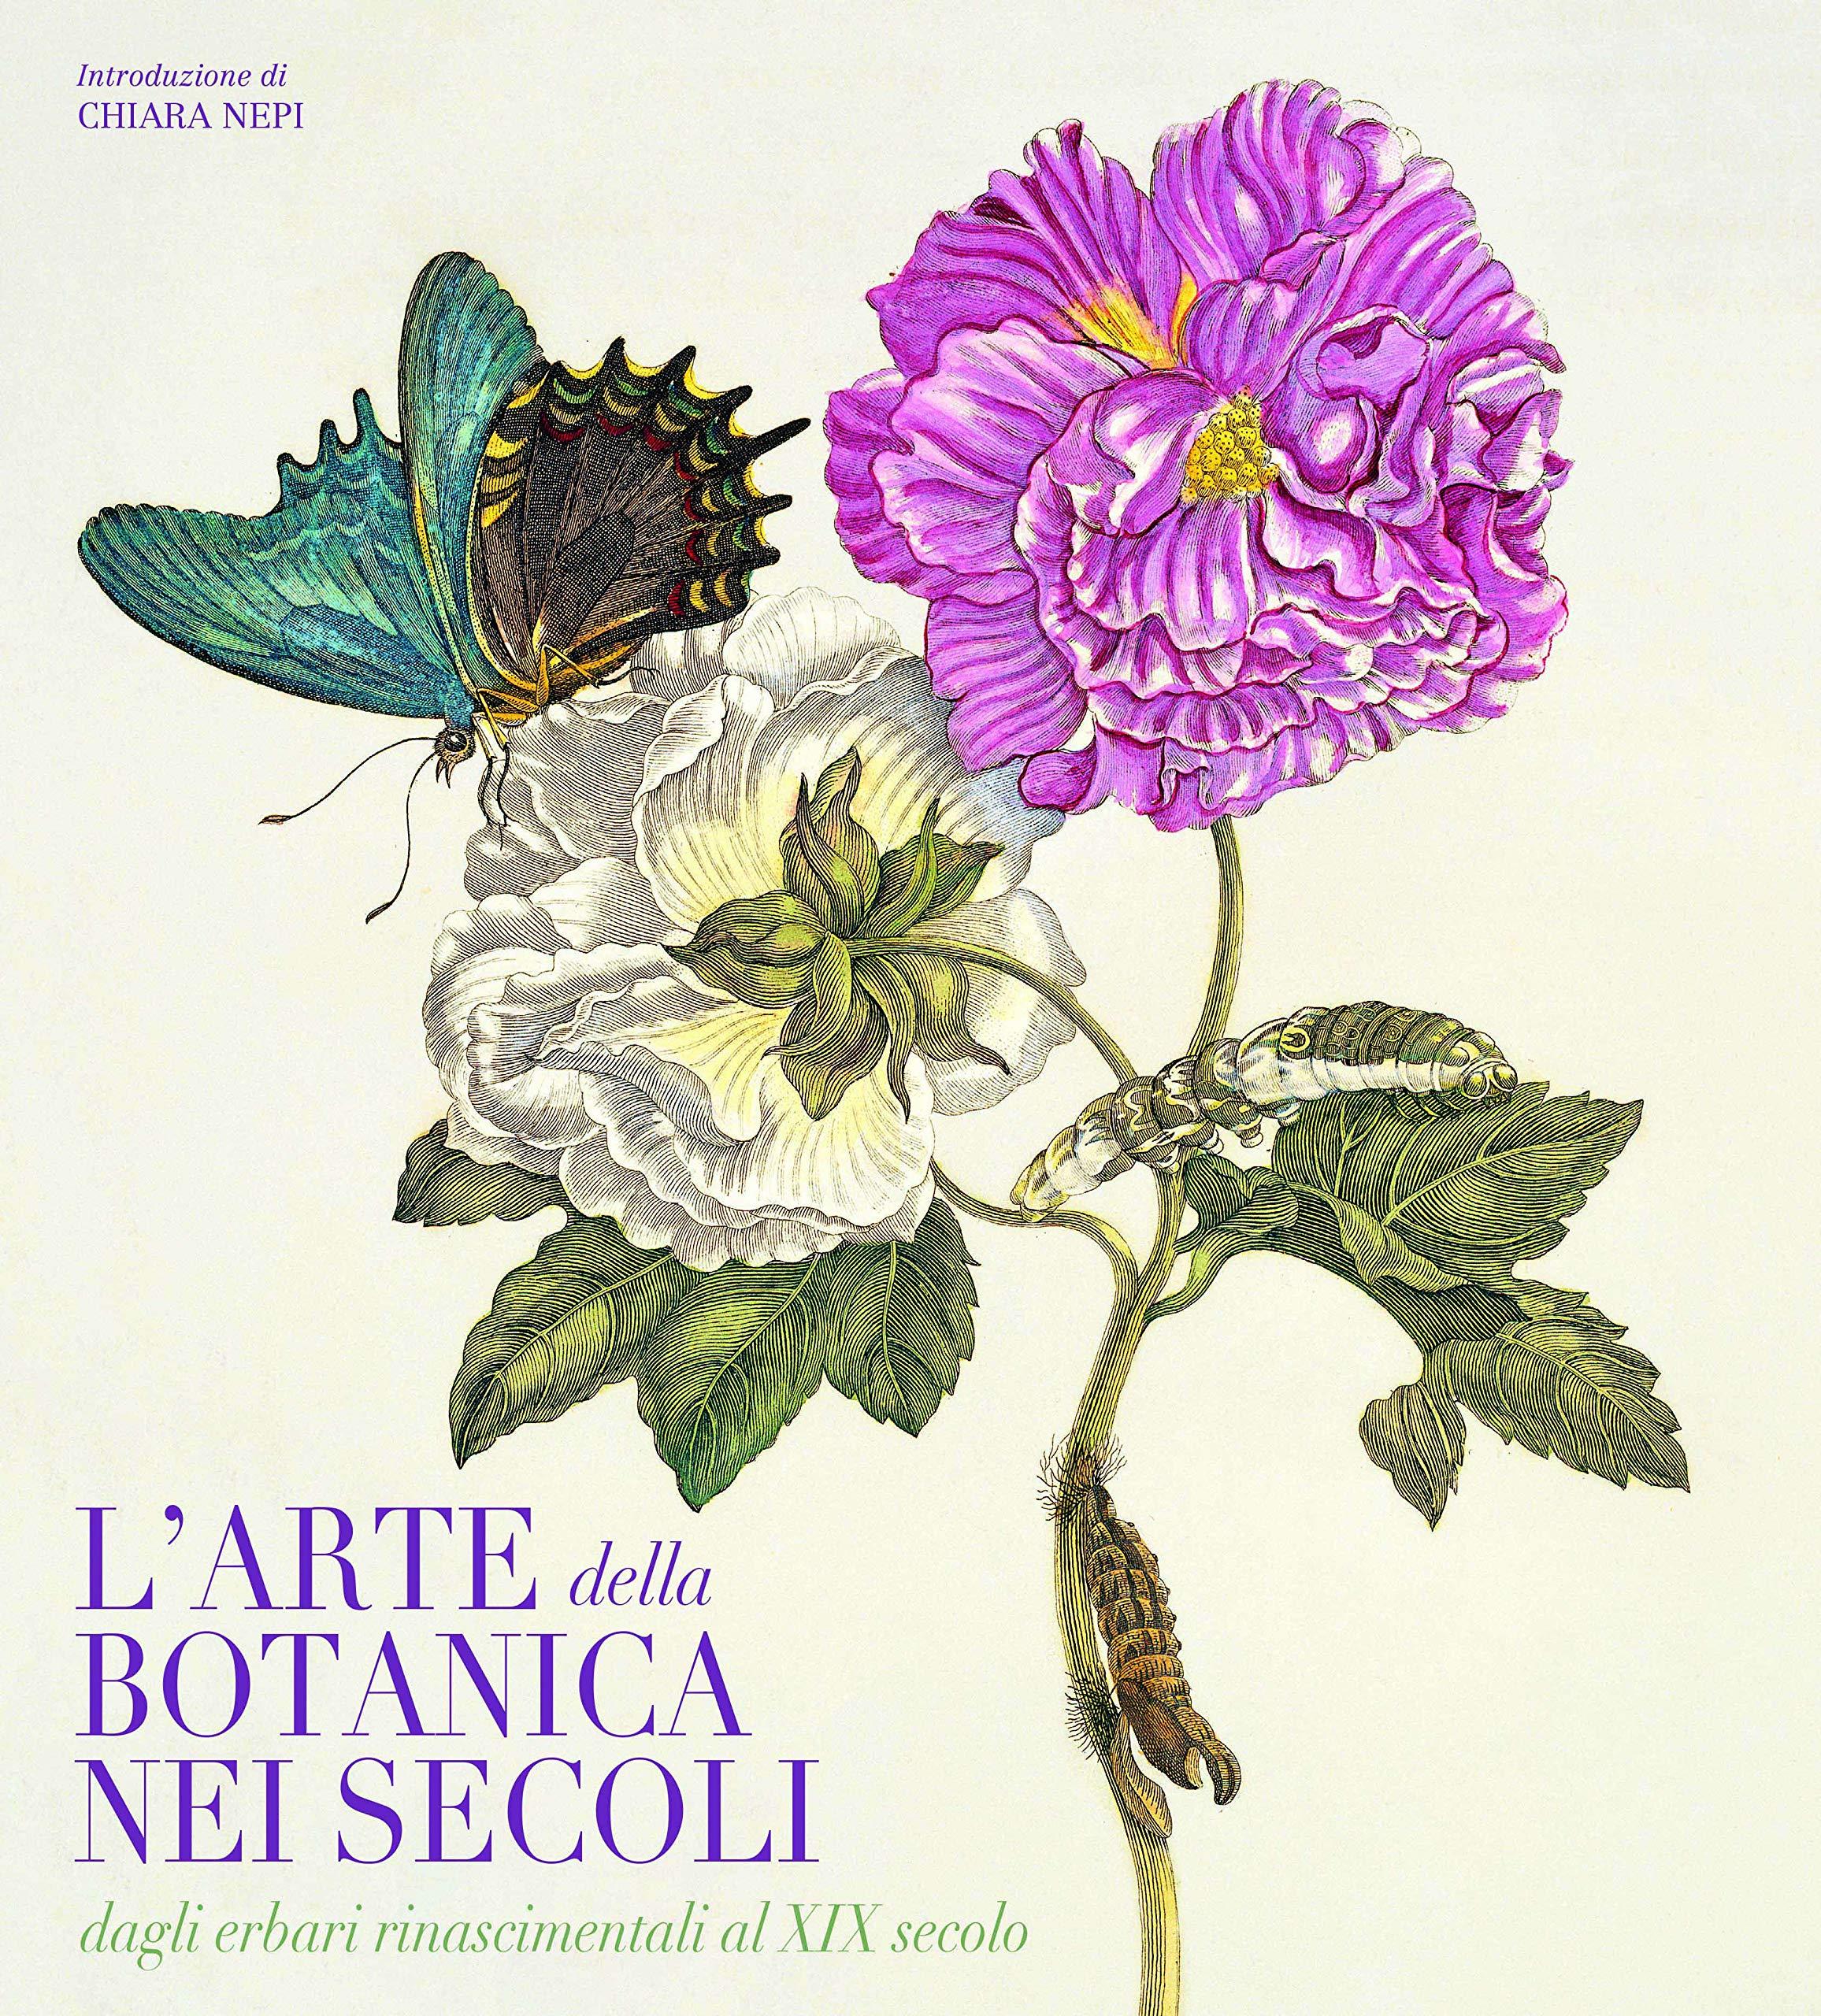 L' arte botanica nei secoli. Dagli erbari rinascimentali al XIX secolo